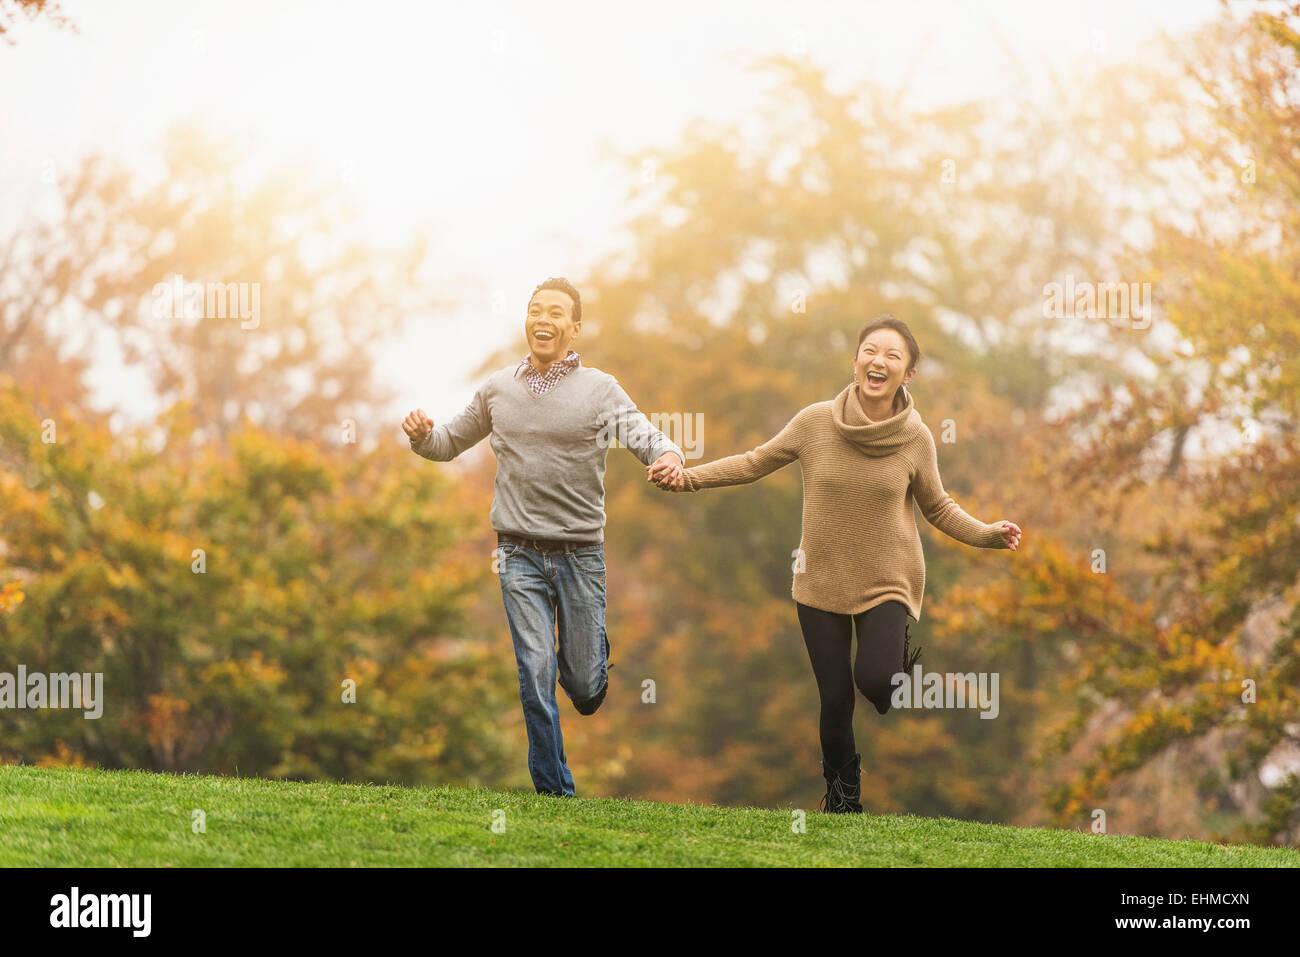 Lächelnde paar im Park laufen Stockfoto